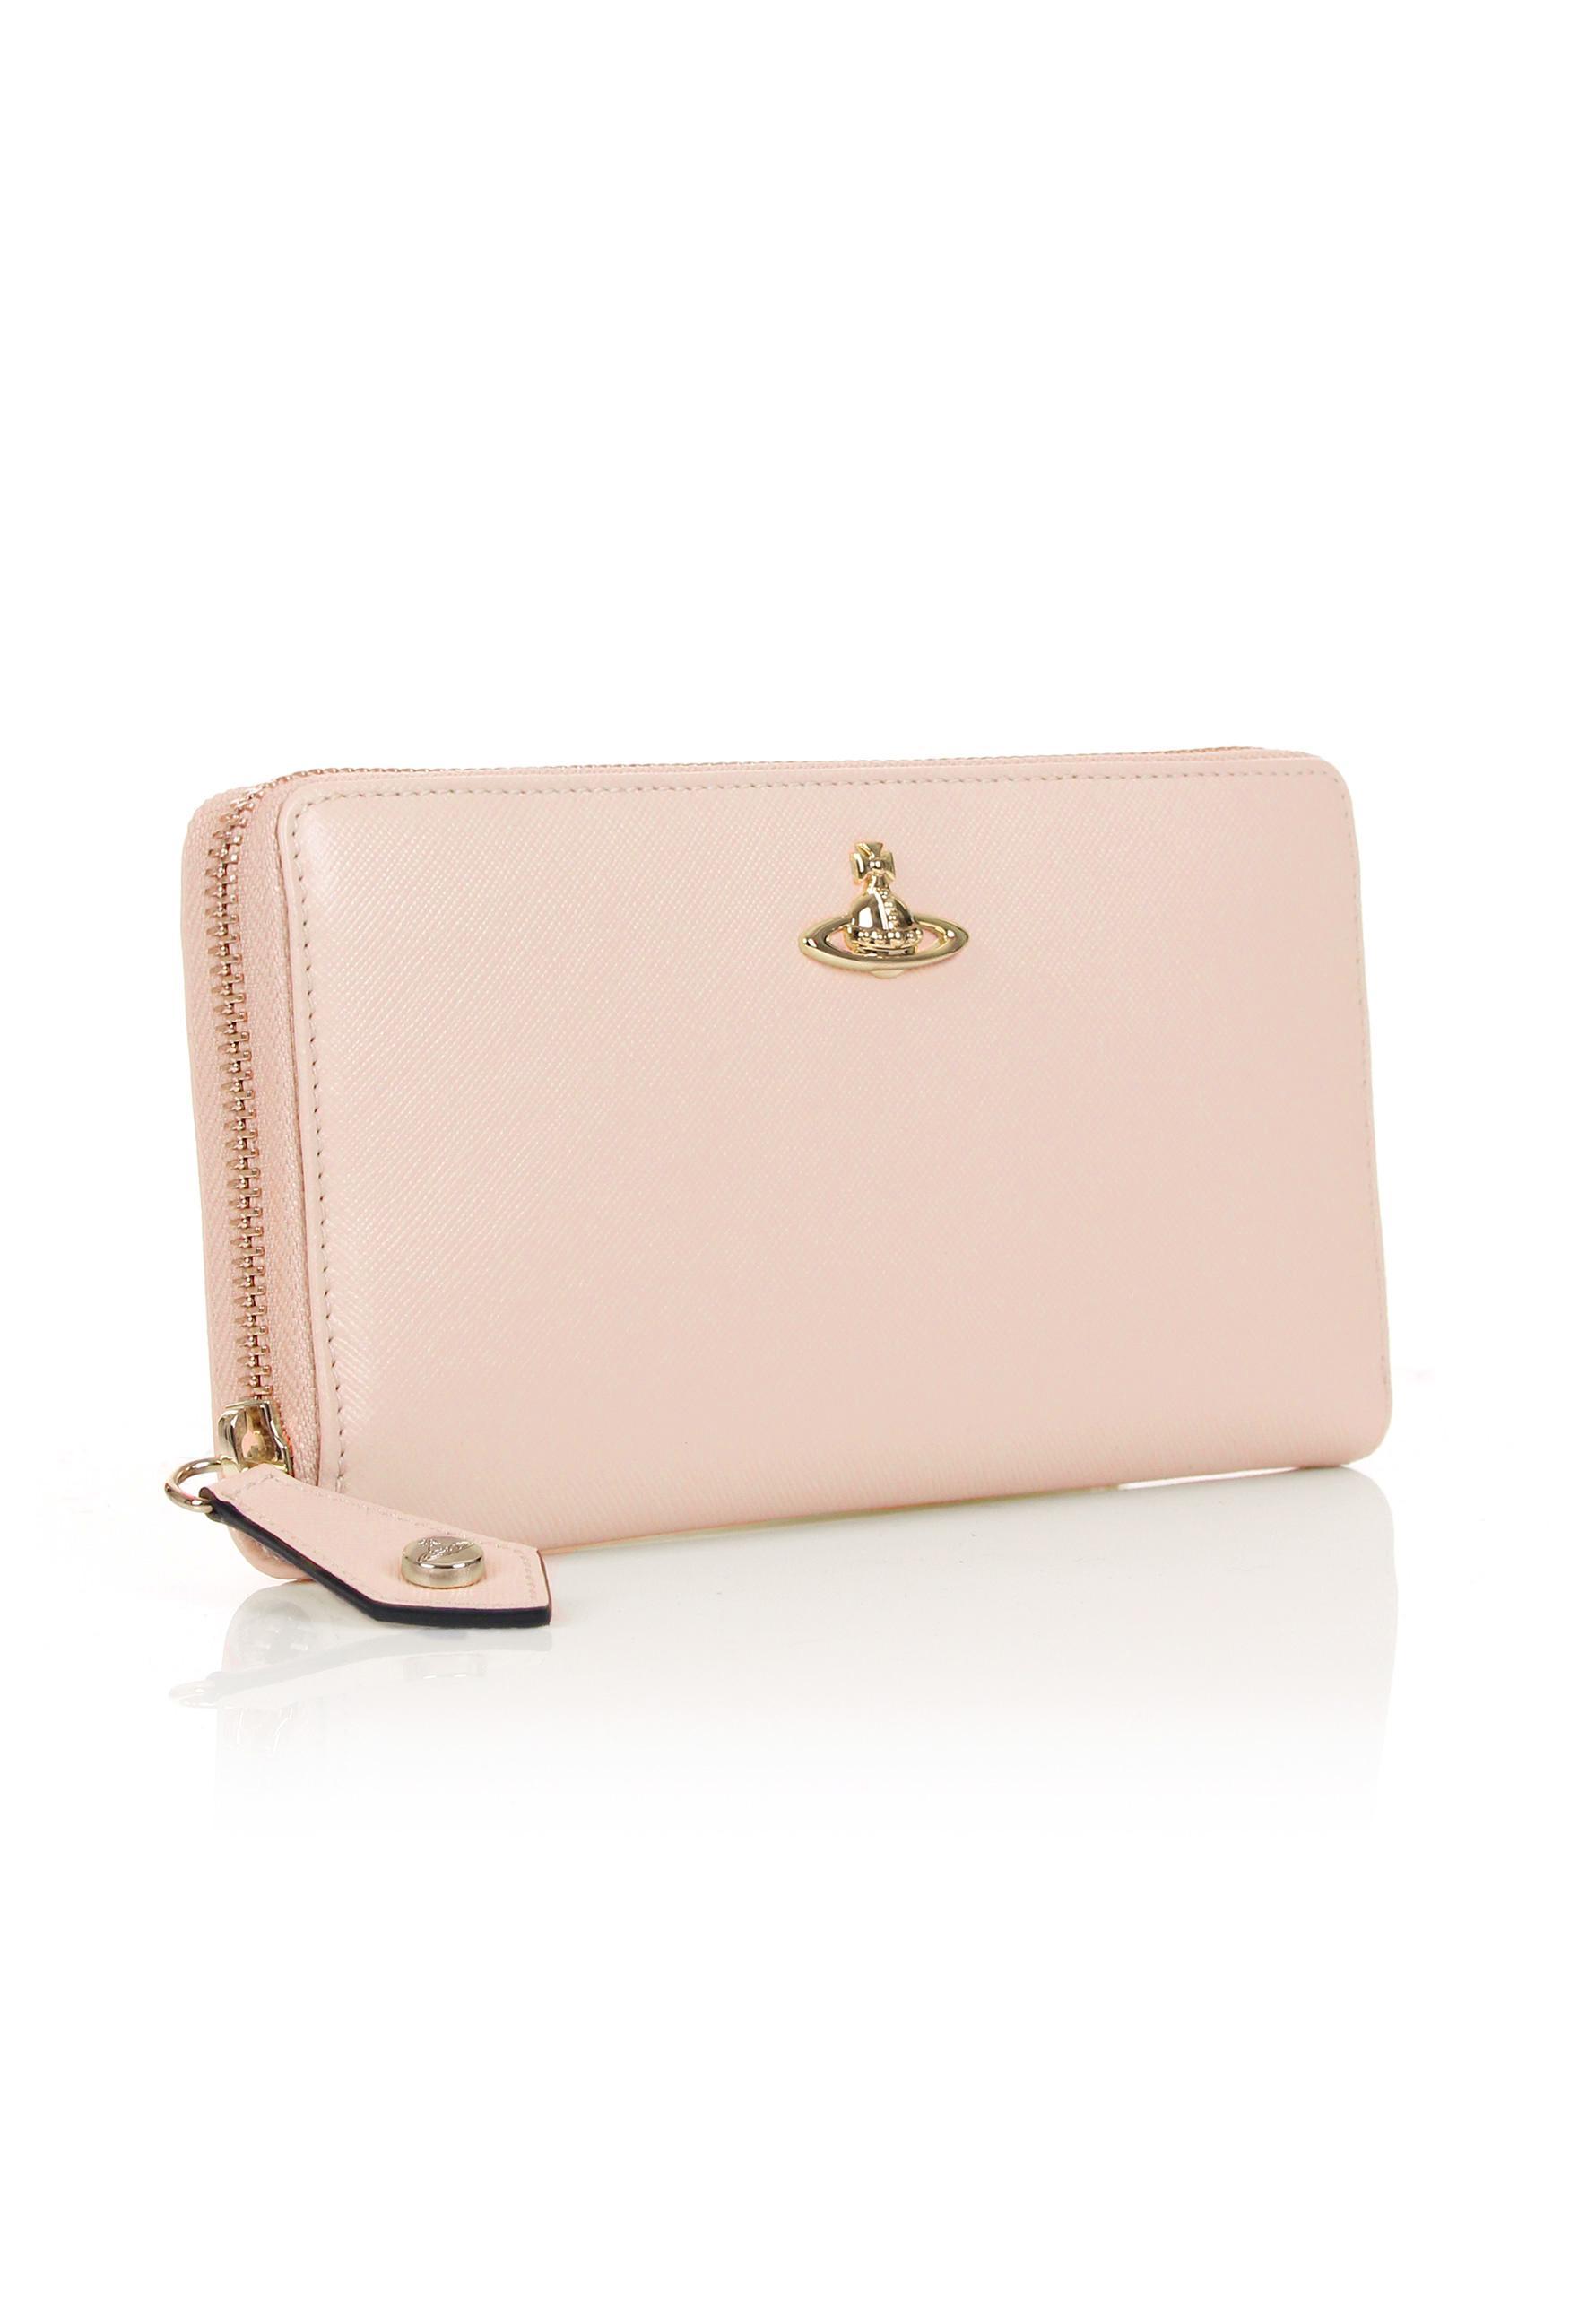 30facf6ffcc Vivienne Westwood Opio Saffiano 321407 Zip Around Purse Pink in Pink ...